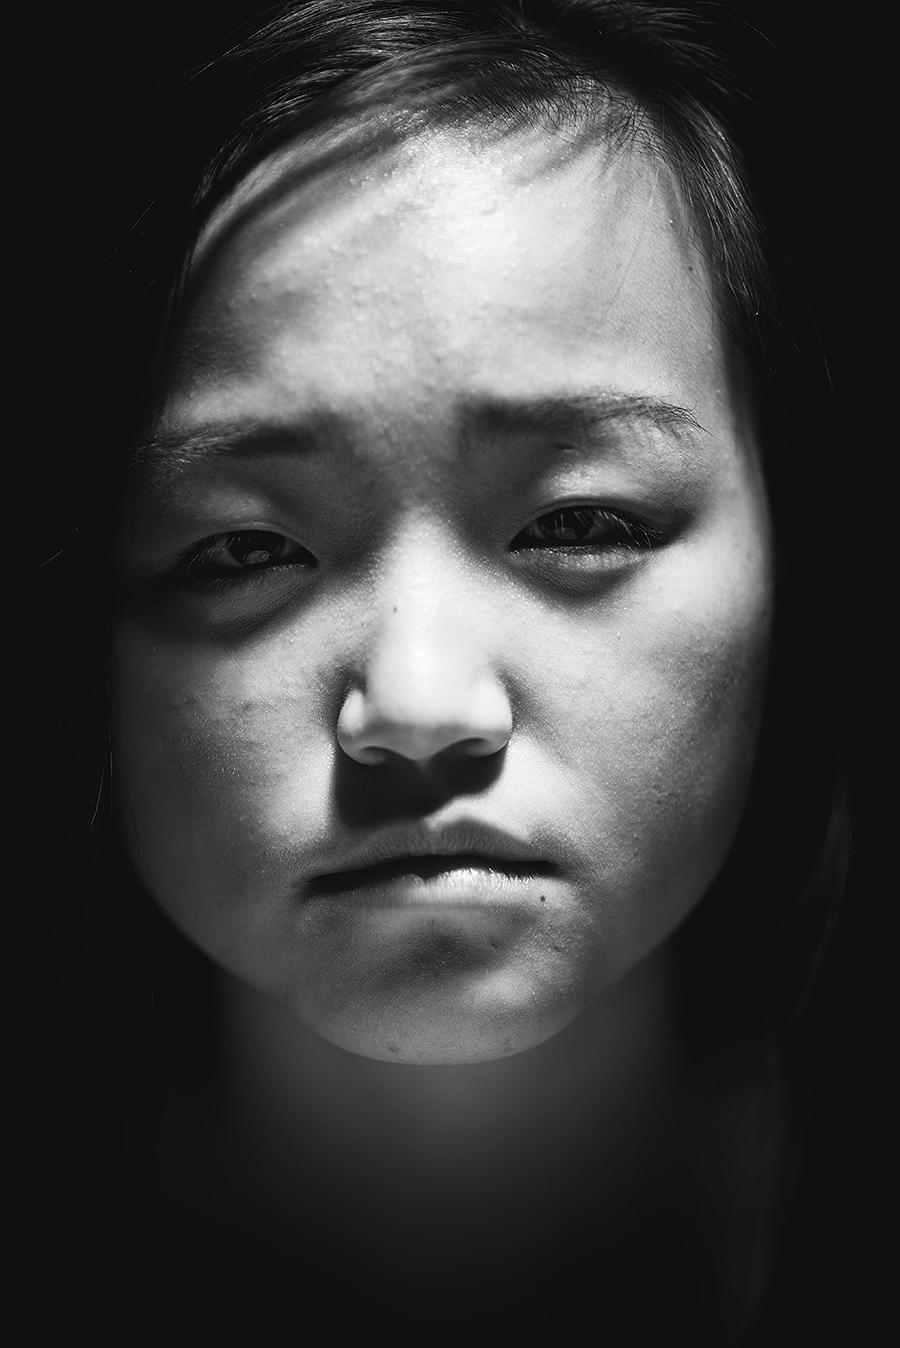 Erina_sadness_photography_model_photo_emotion_portrait_headshot_kaleb_germinaro